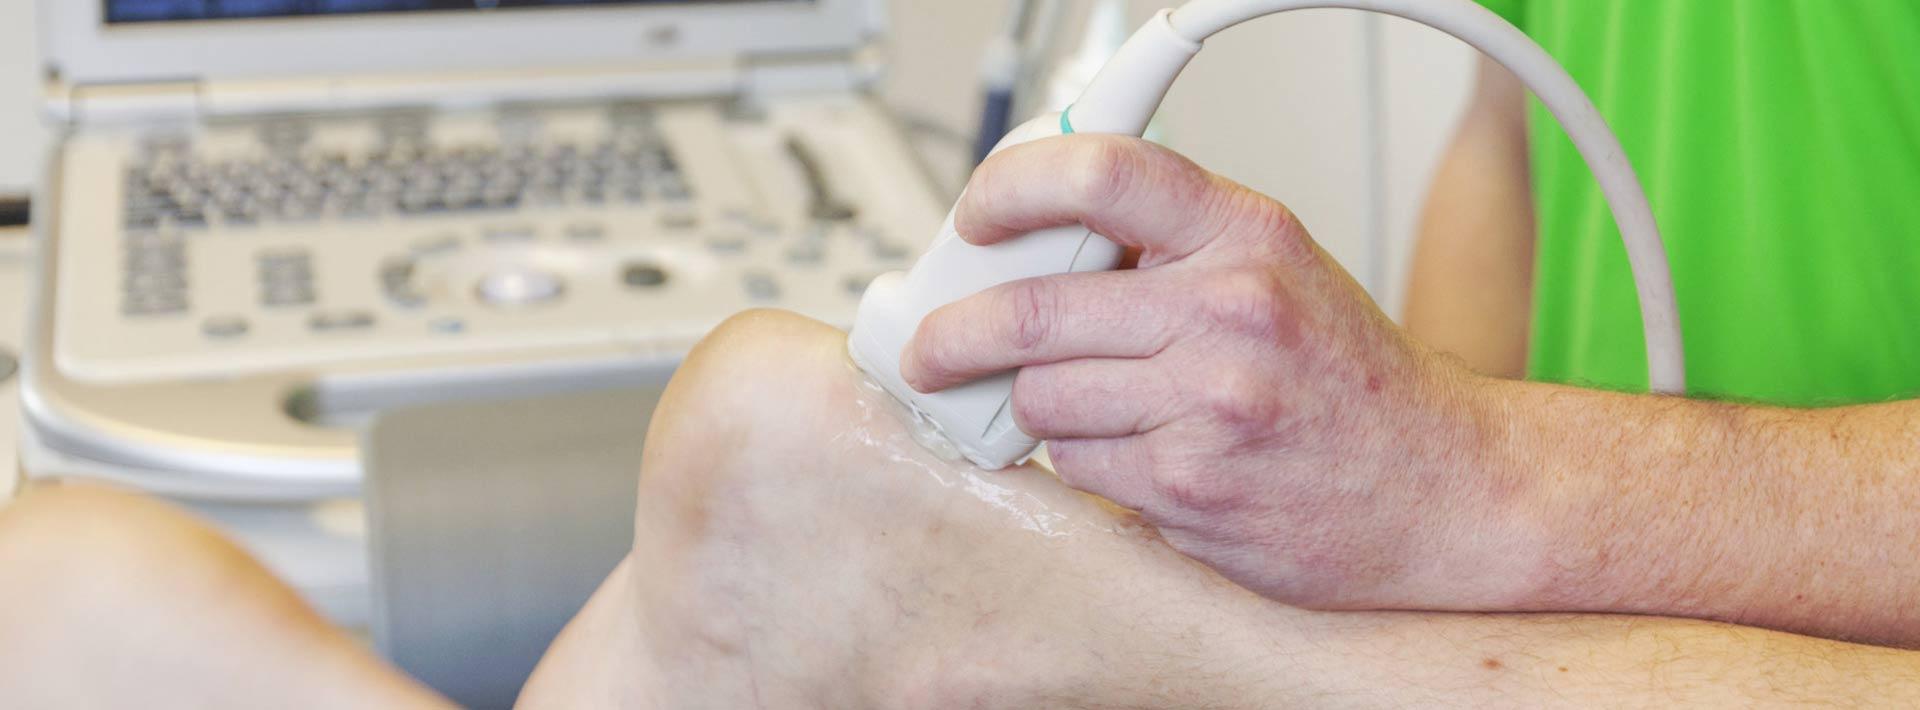 Bekkenfysiotherapie en echografie